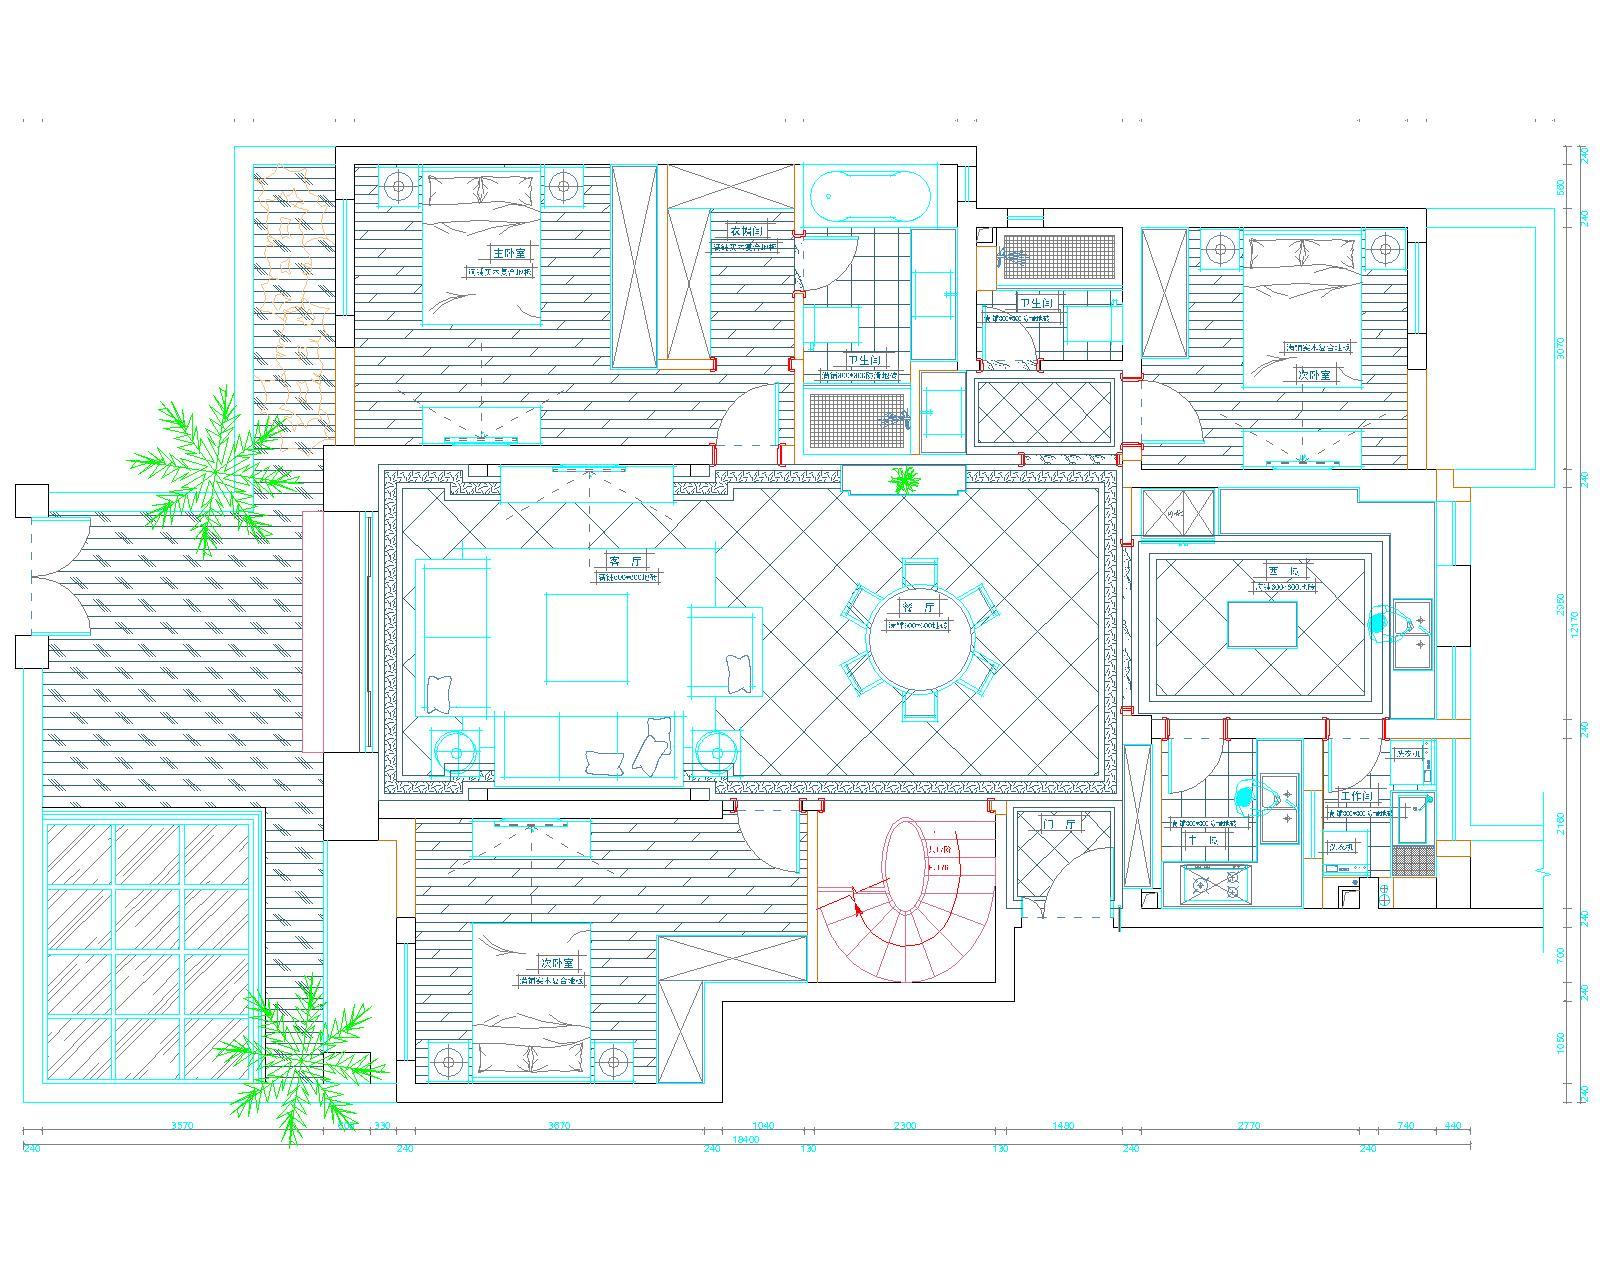 兰湖美域 别墅装修 别墅设计 聚通装潢 欧式风格 户型图图片来自jtong0002在兰湖美域别墅装修欧式风格设计的分享